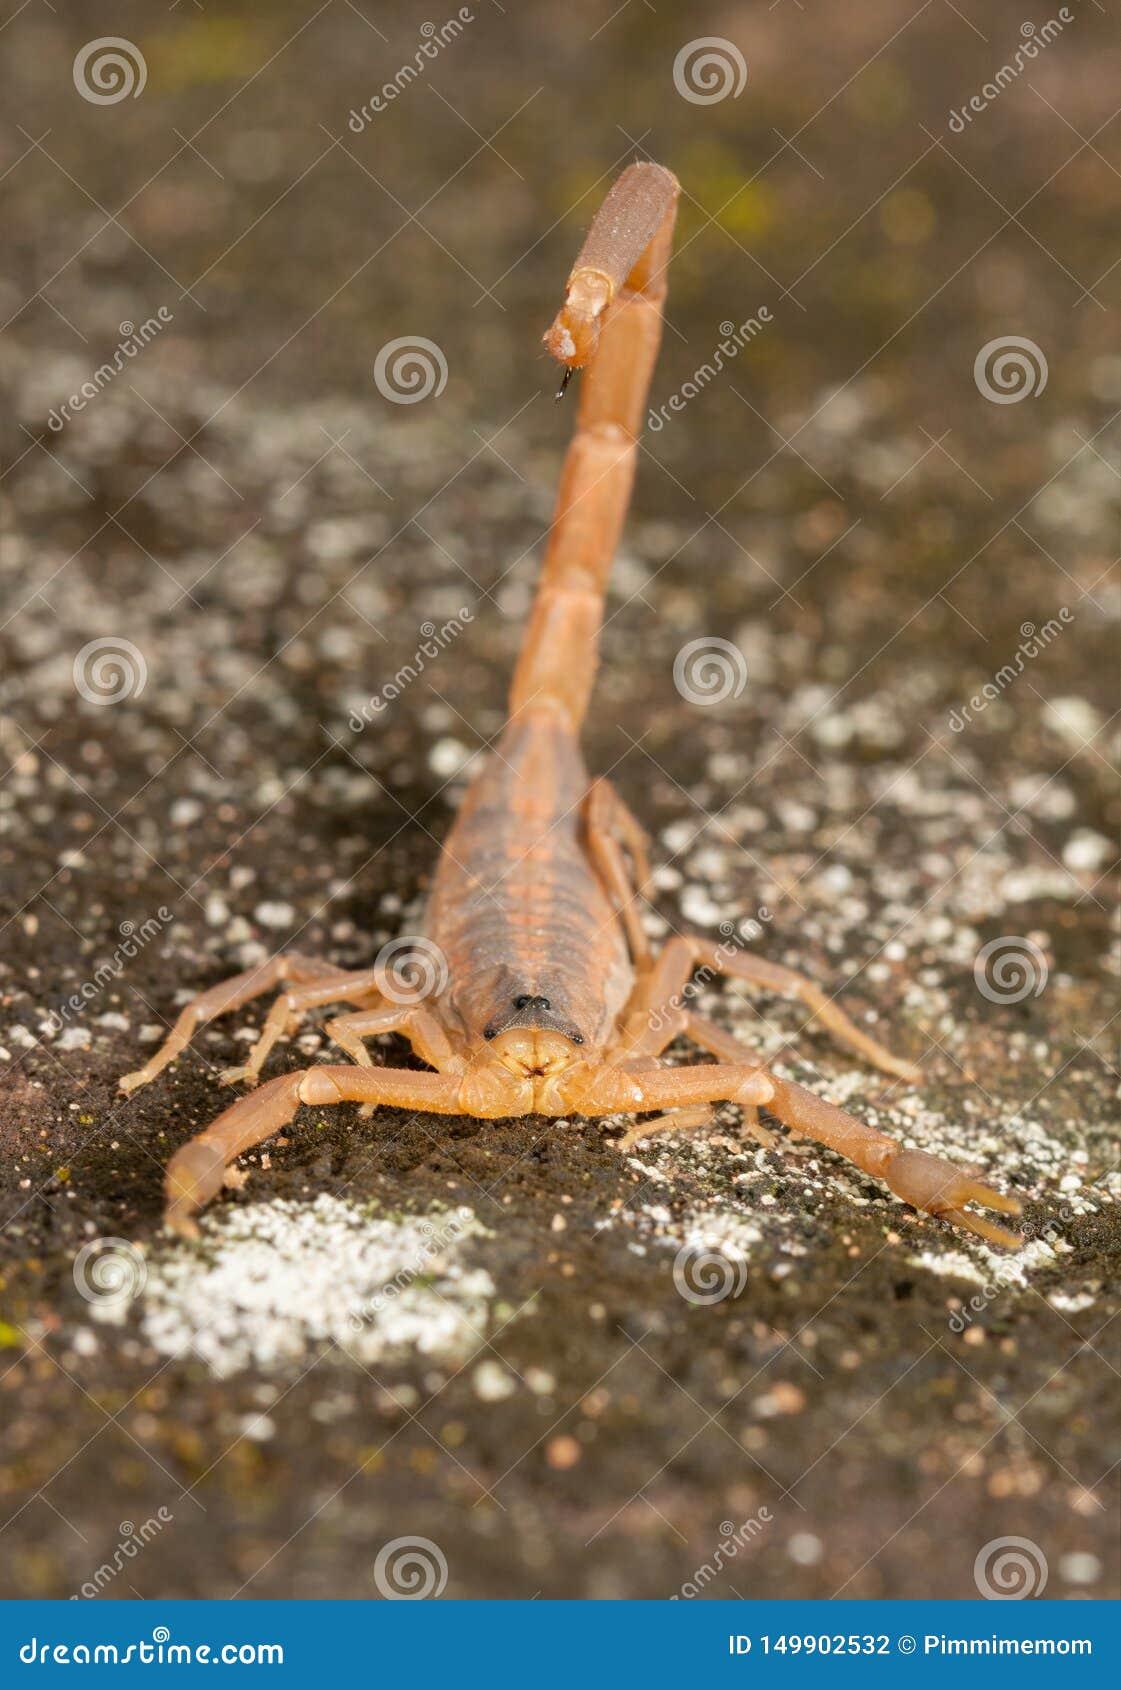 Frontale Ansicht eines gestreiften Barken-Skorpions mit seinem Stinger über seinem zurück